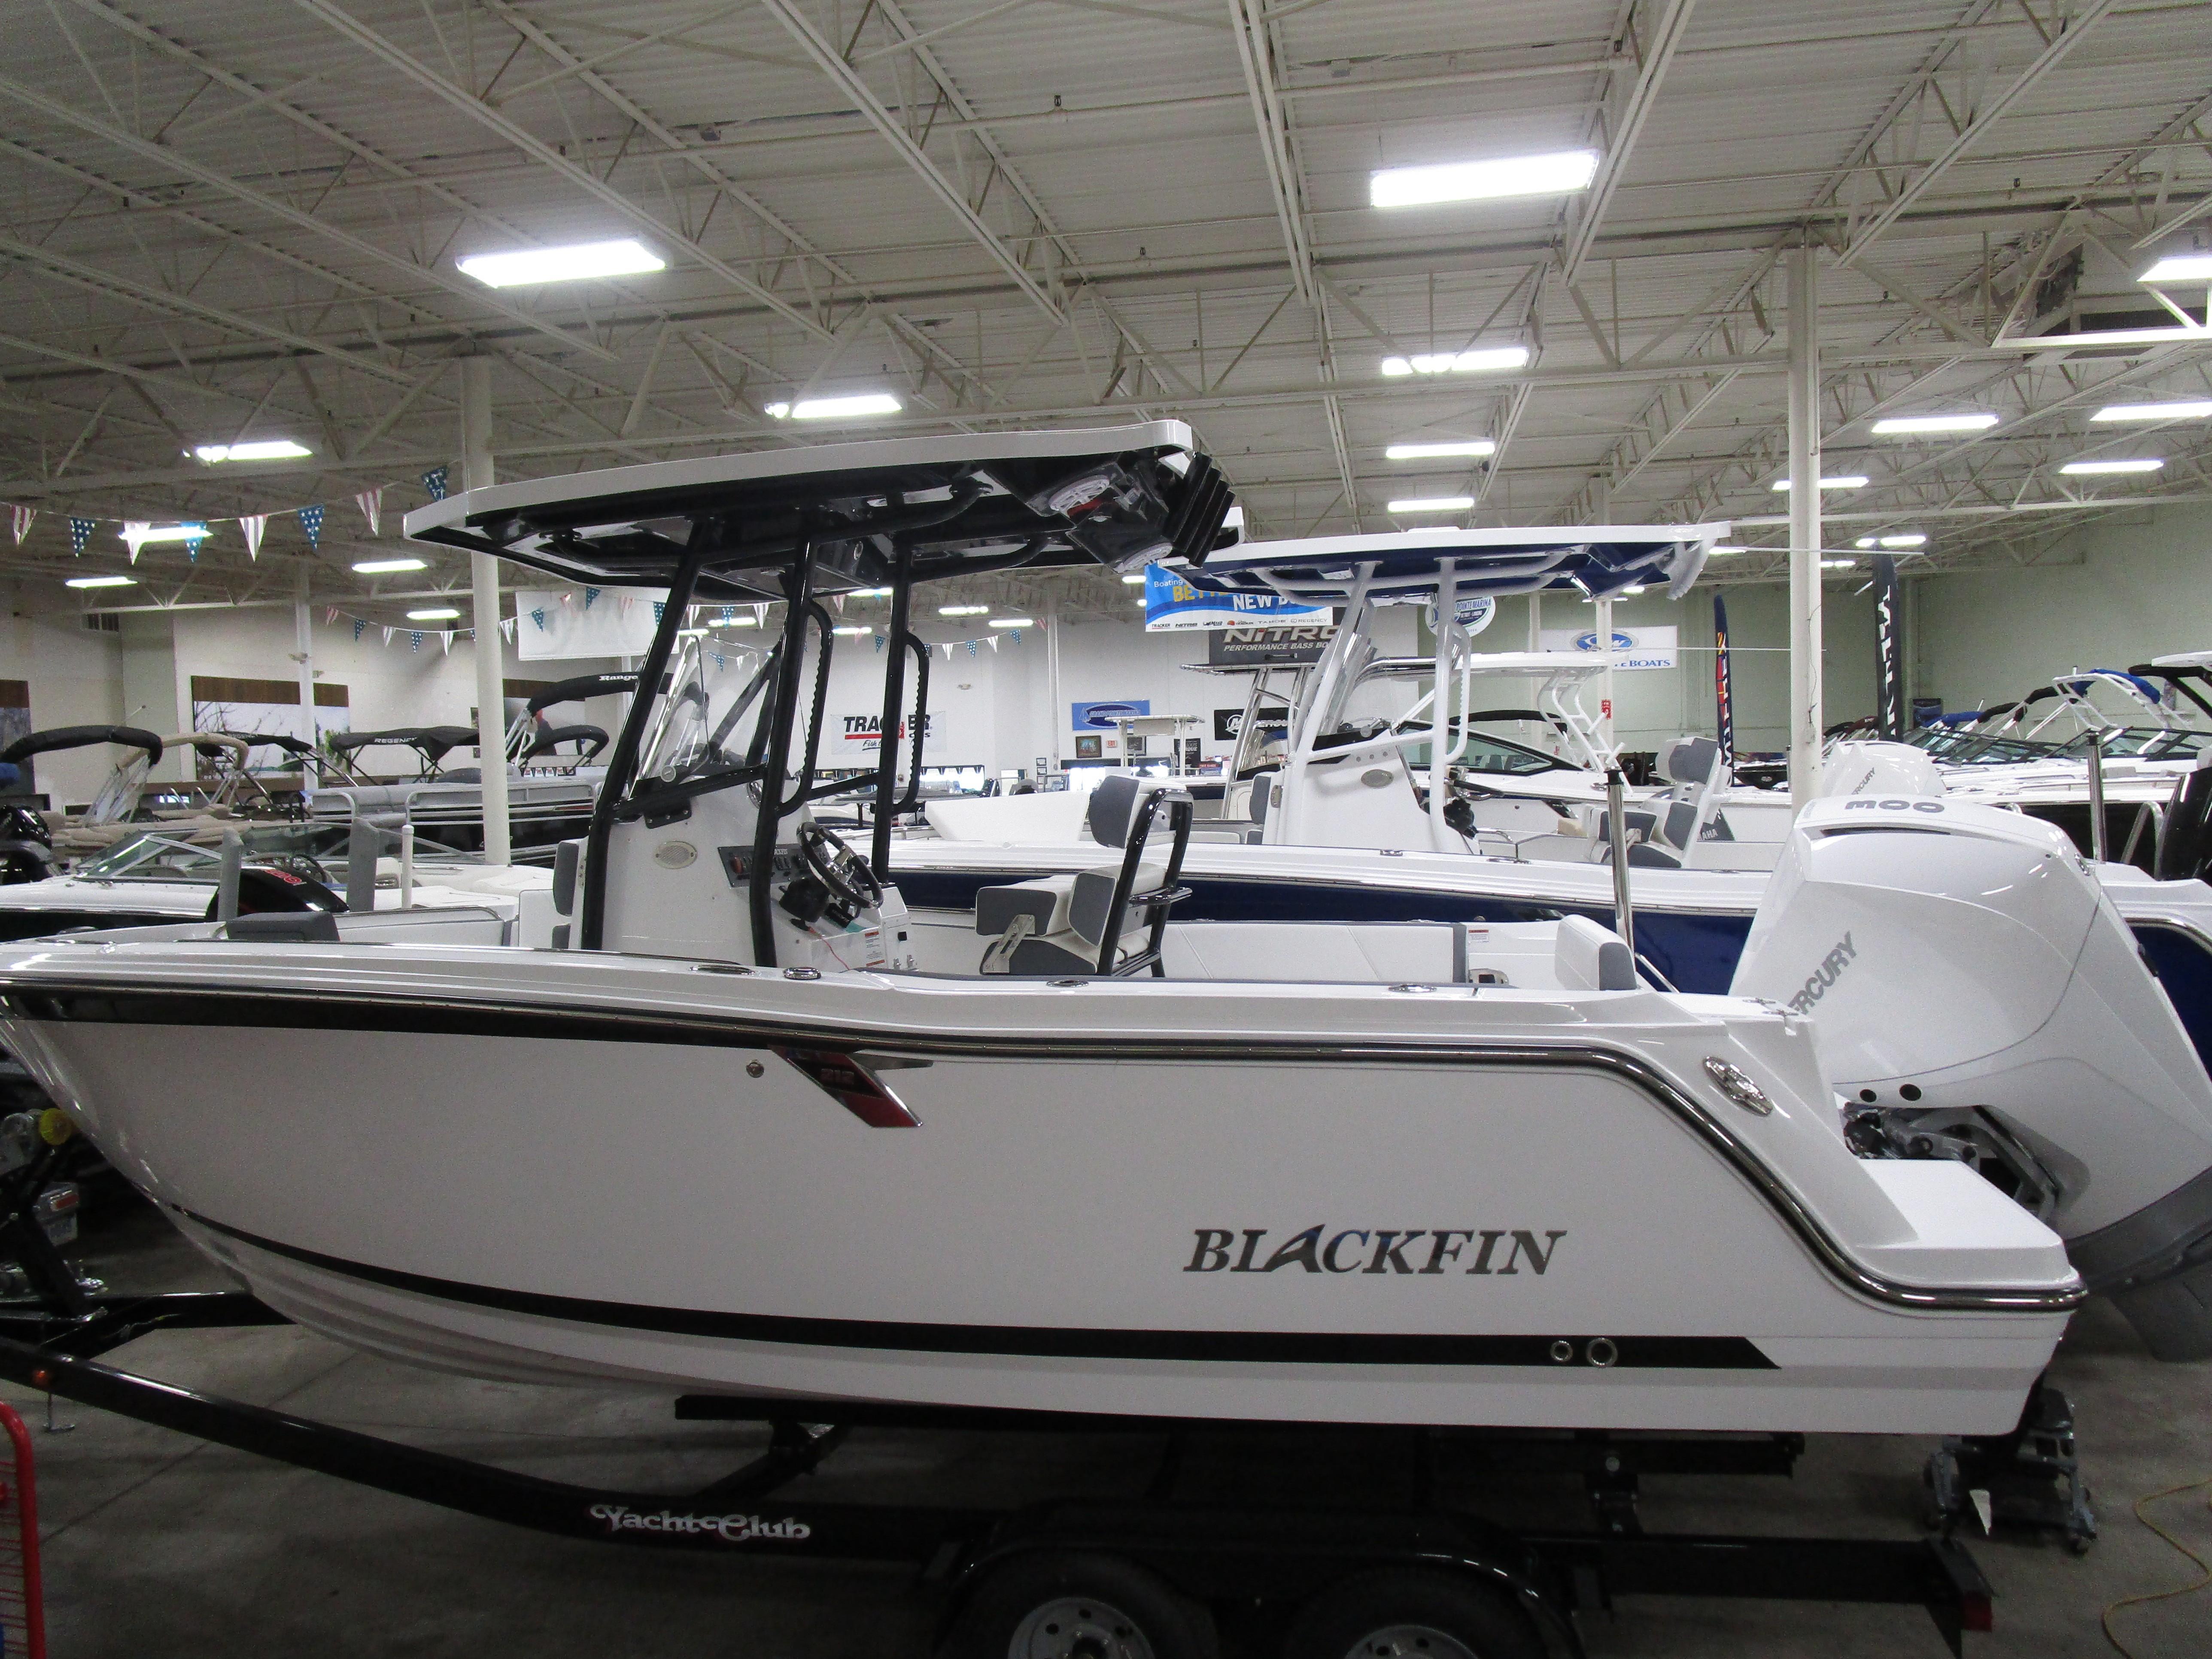 Blackfin212 CC